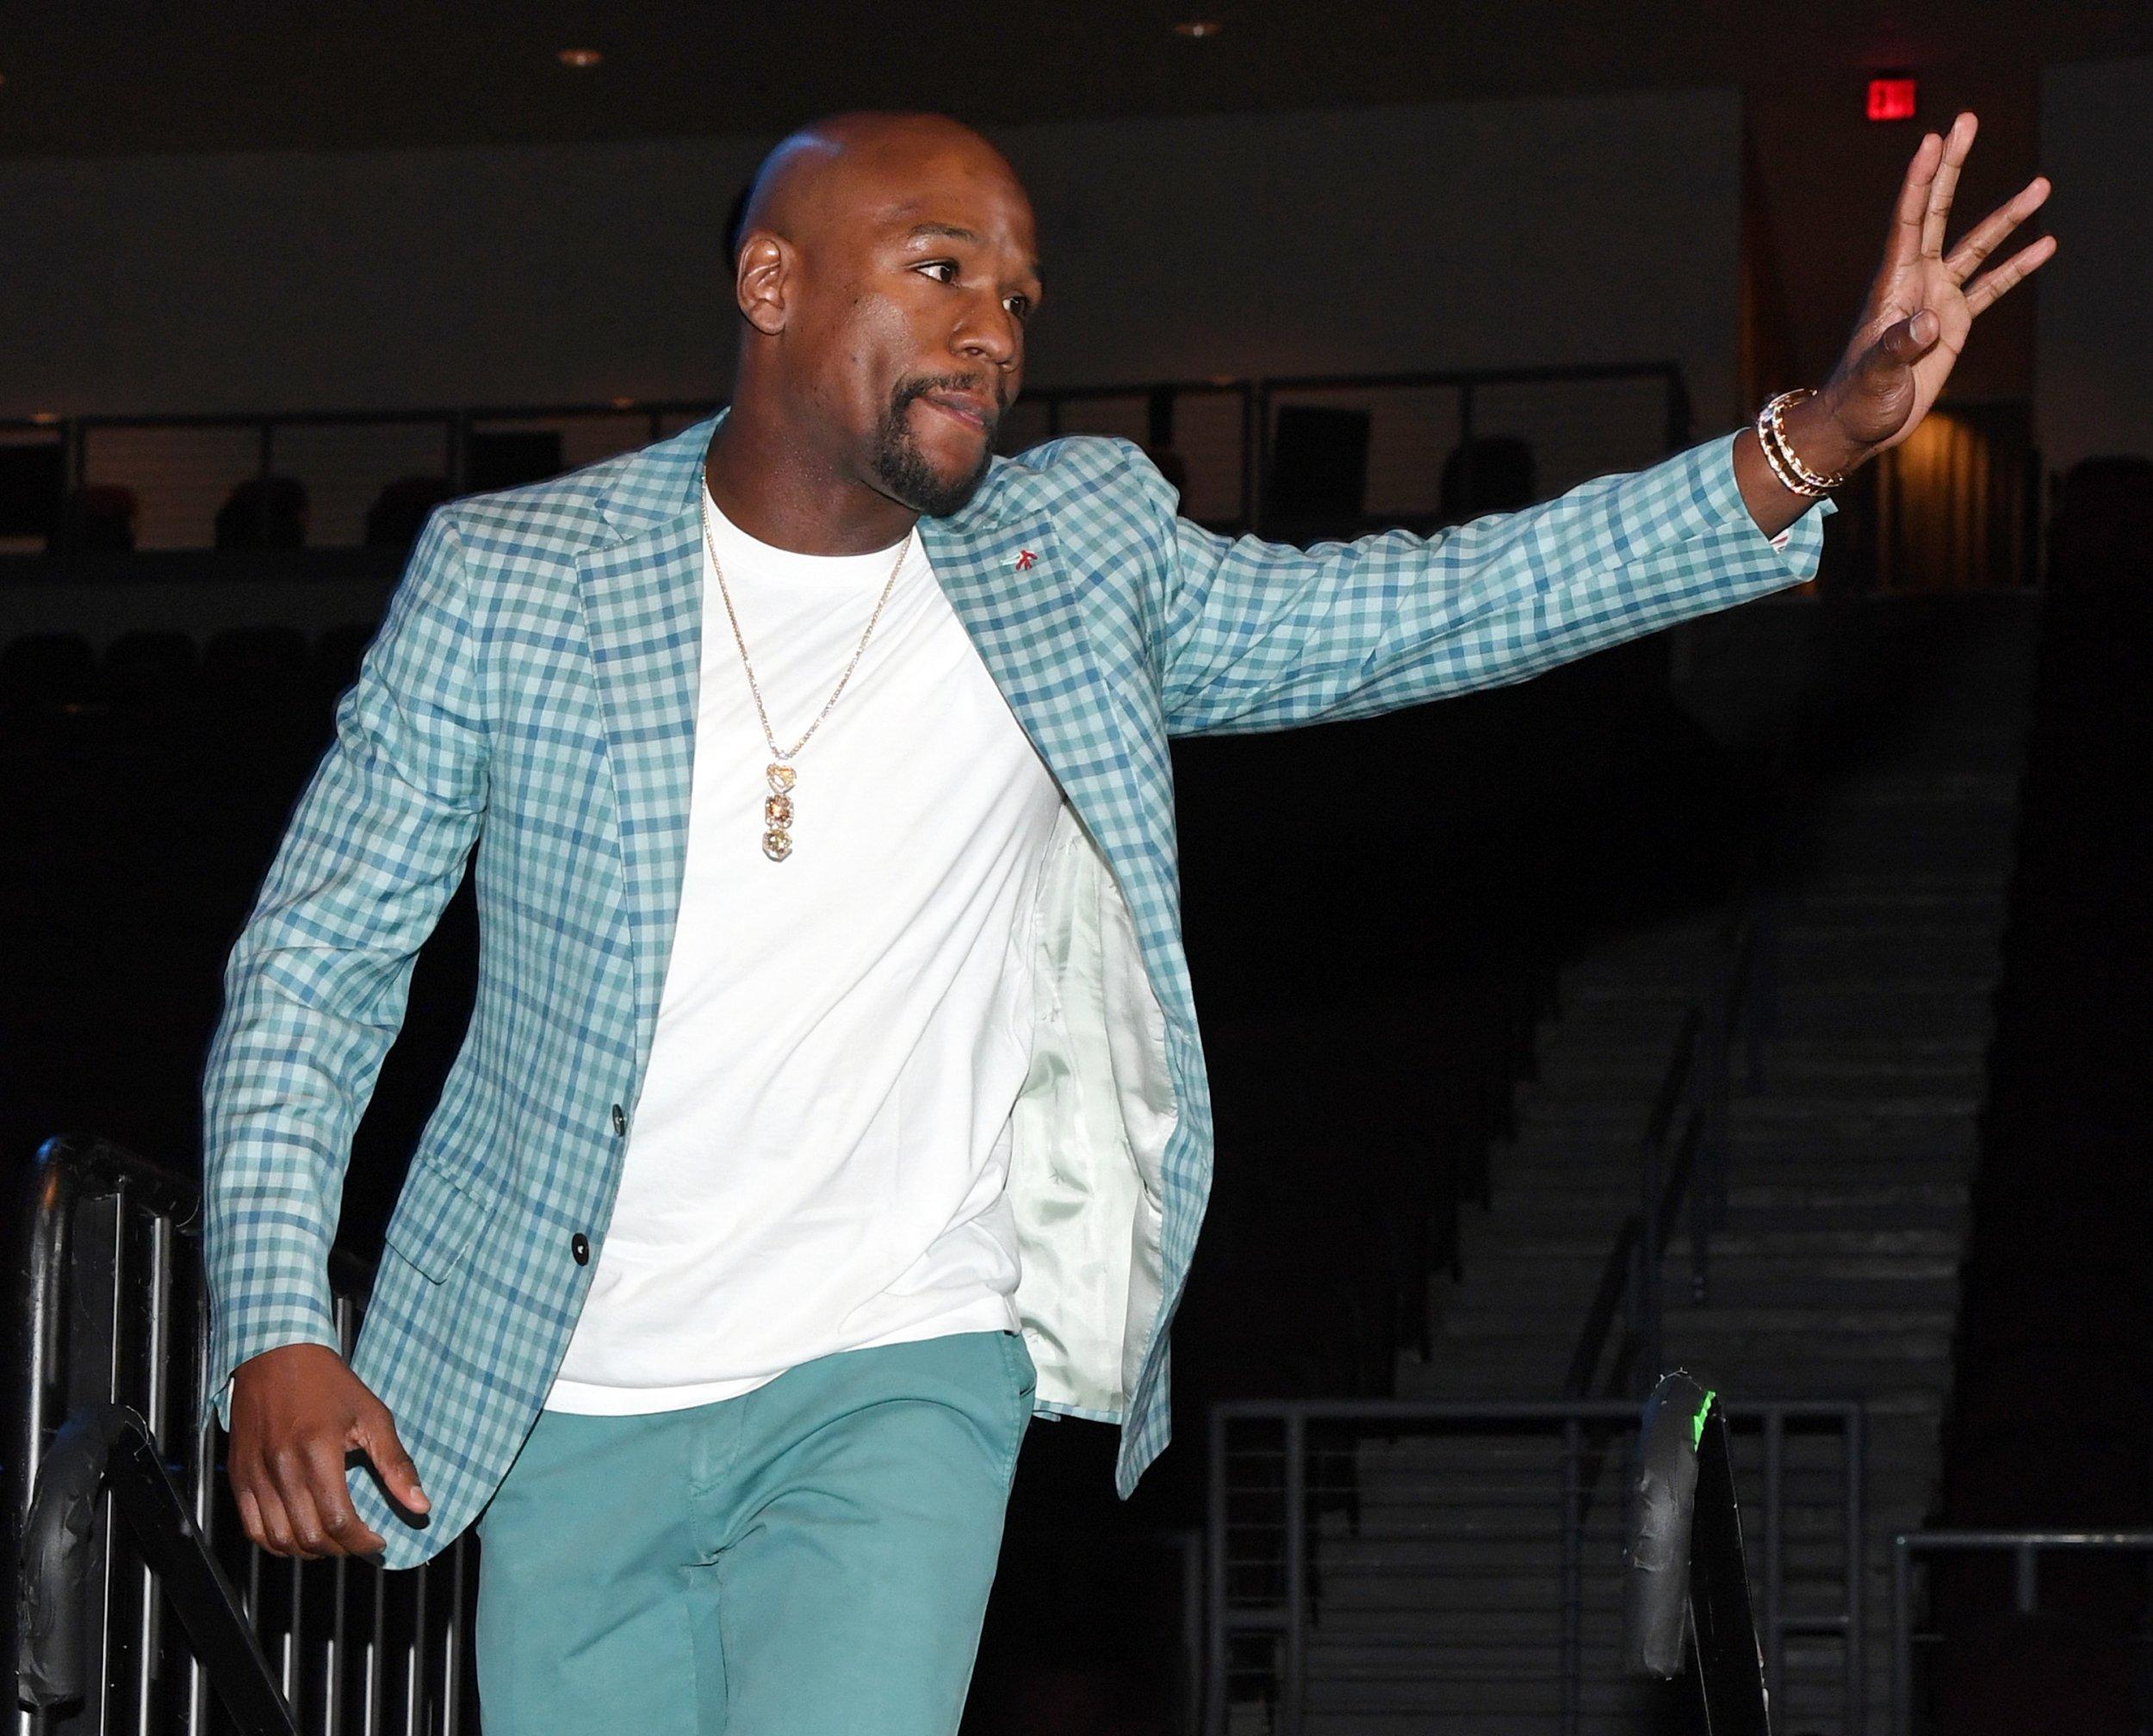 Boxer Floyd Mayweather, Jr, in Las Vegas, Nevada, June 2.